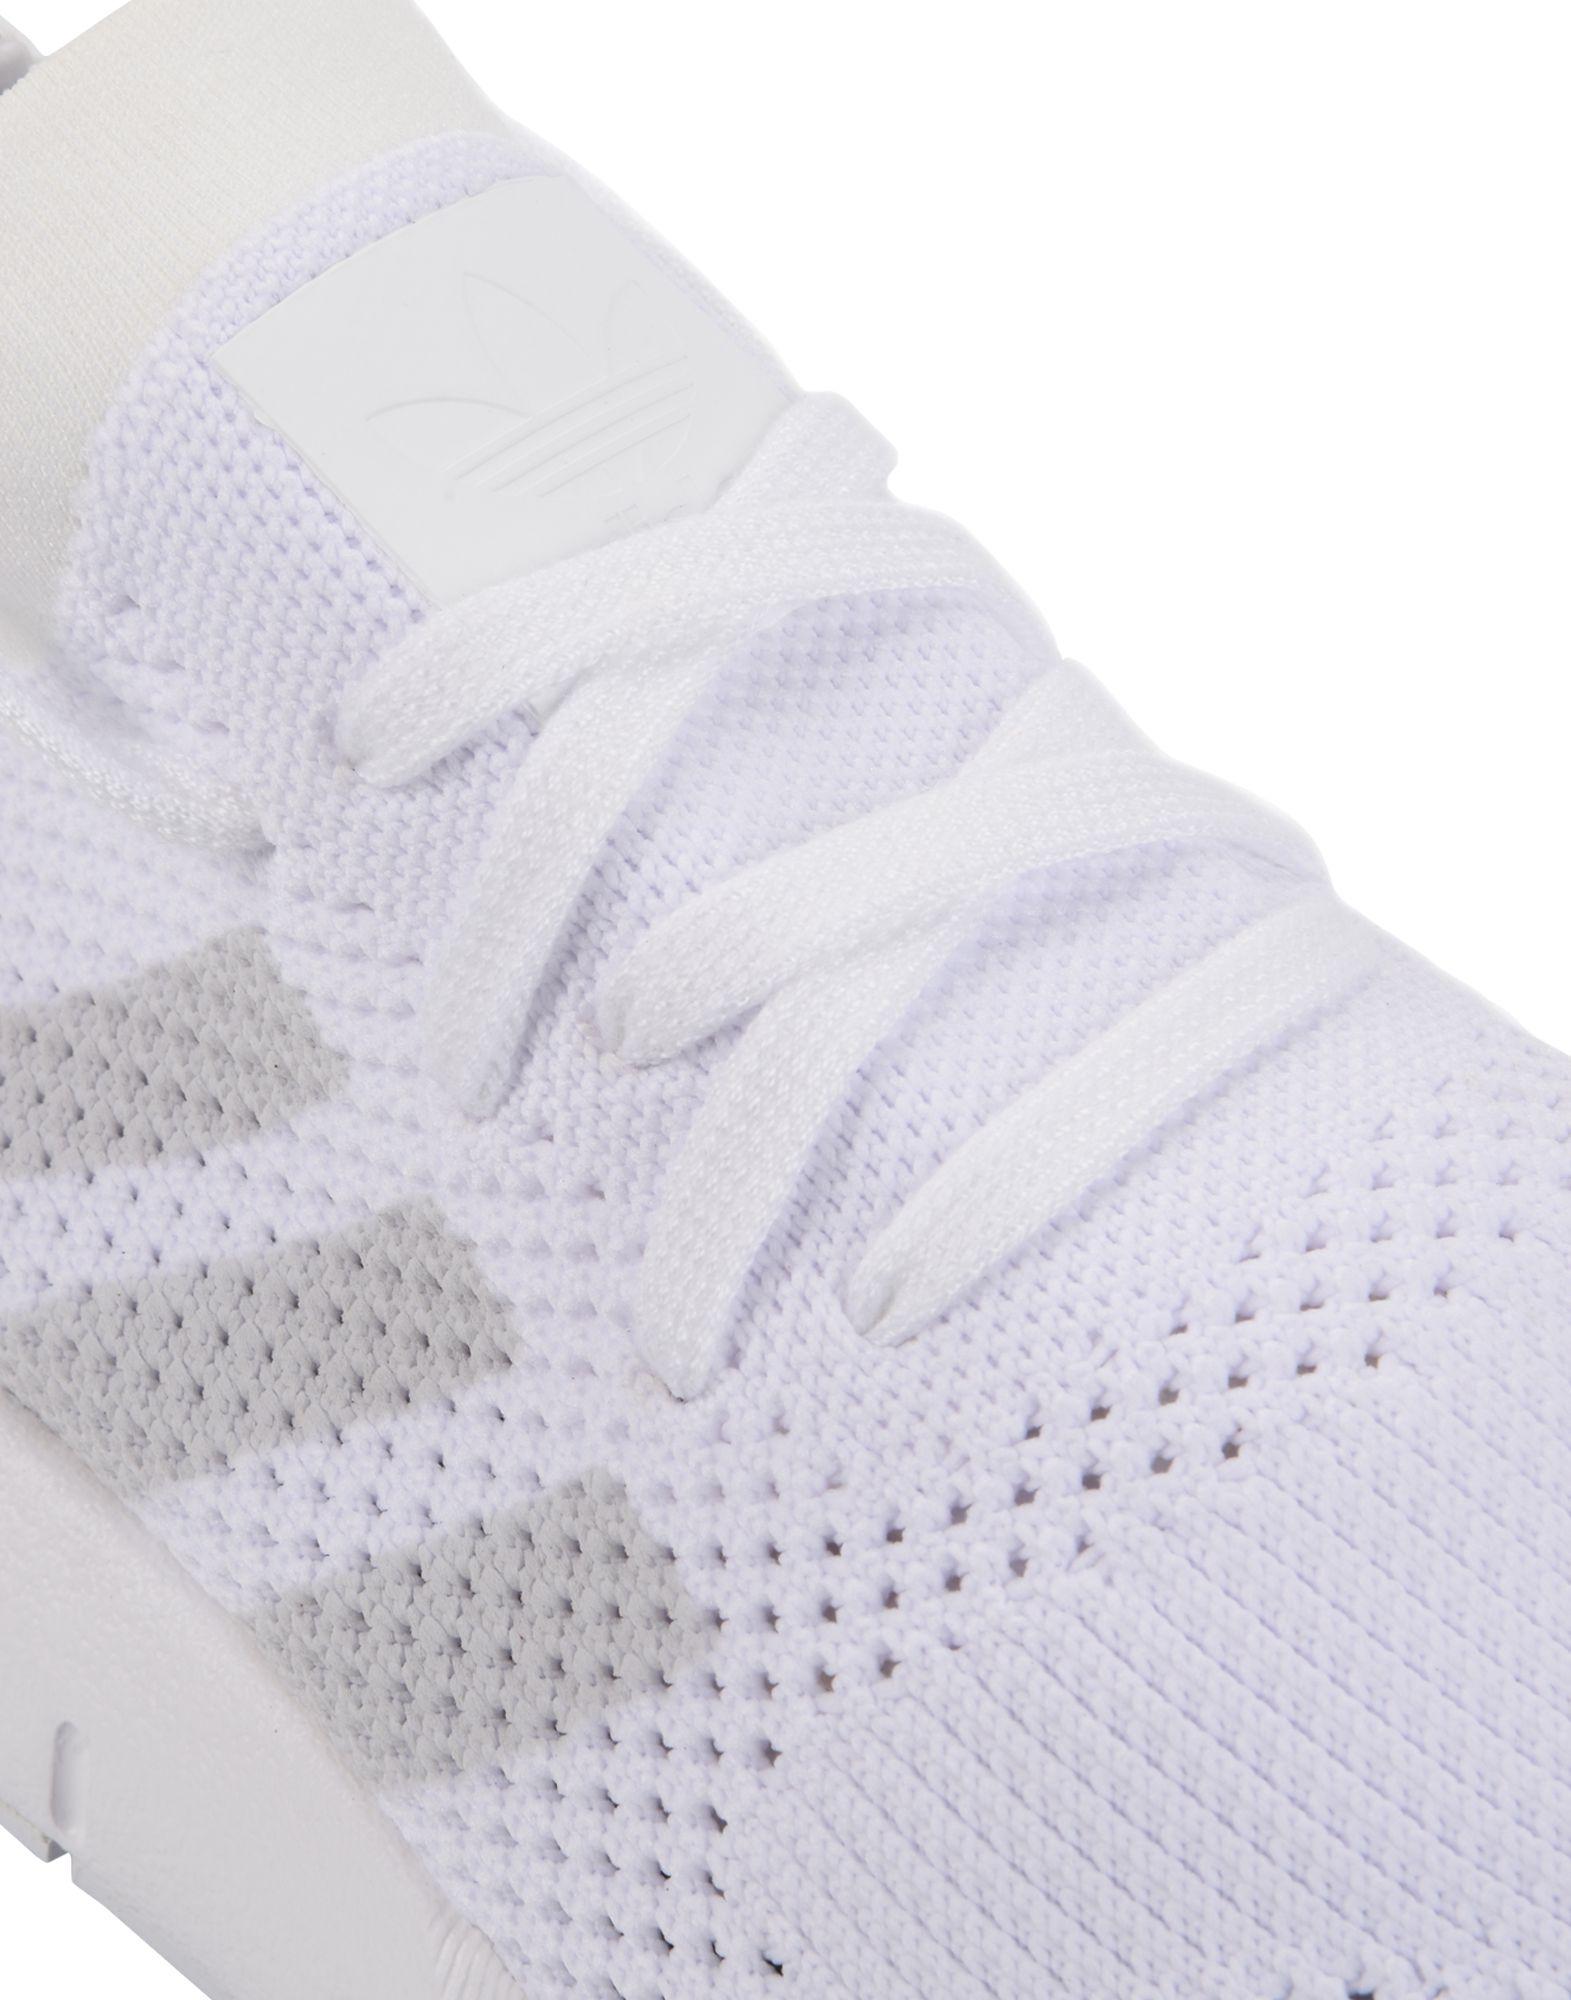 Adidas Originals Swift Run Pk  11415324PL Gute Qualität beliebte Schuhe